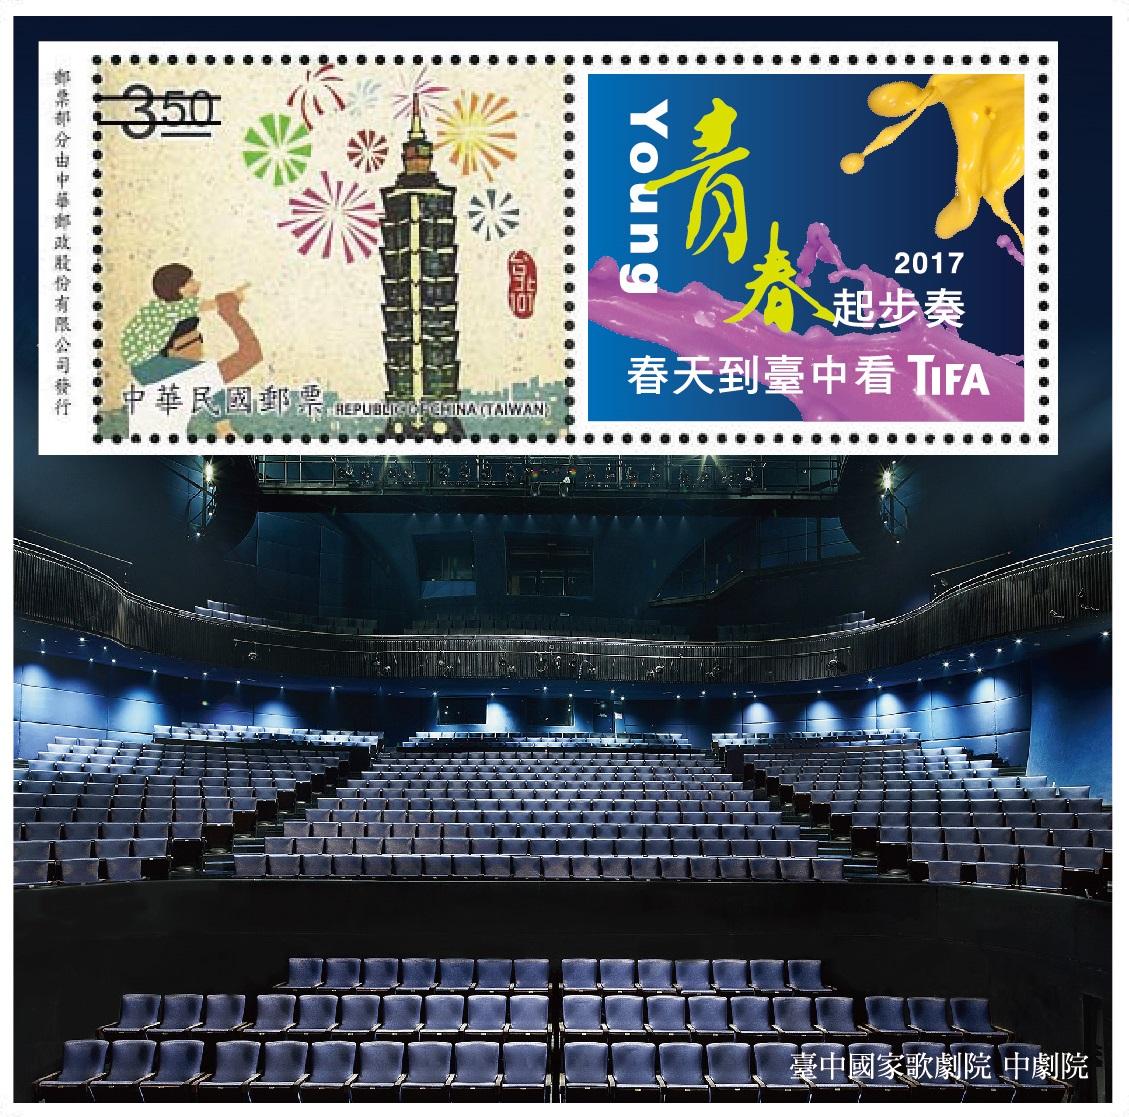 105年11月1日智12月25日現場刷郵政VISA金融卡購買「2016 歌劇院開幕季」演出票券,贈送臺中國家歌劇院開幕紀念名片型個人化郵票1枚